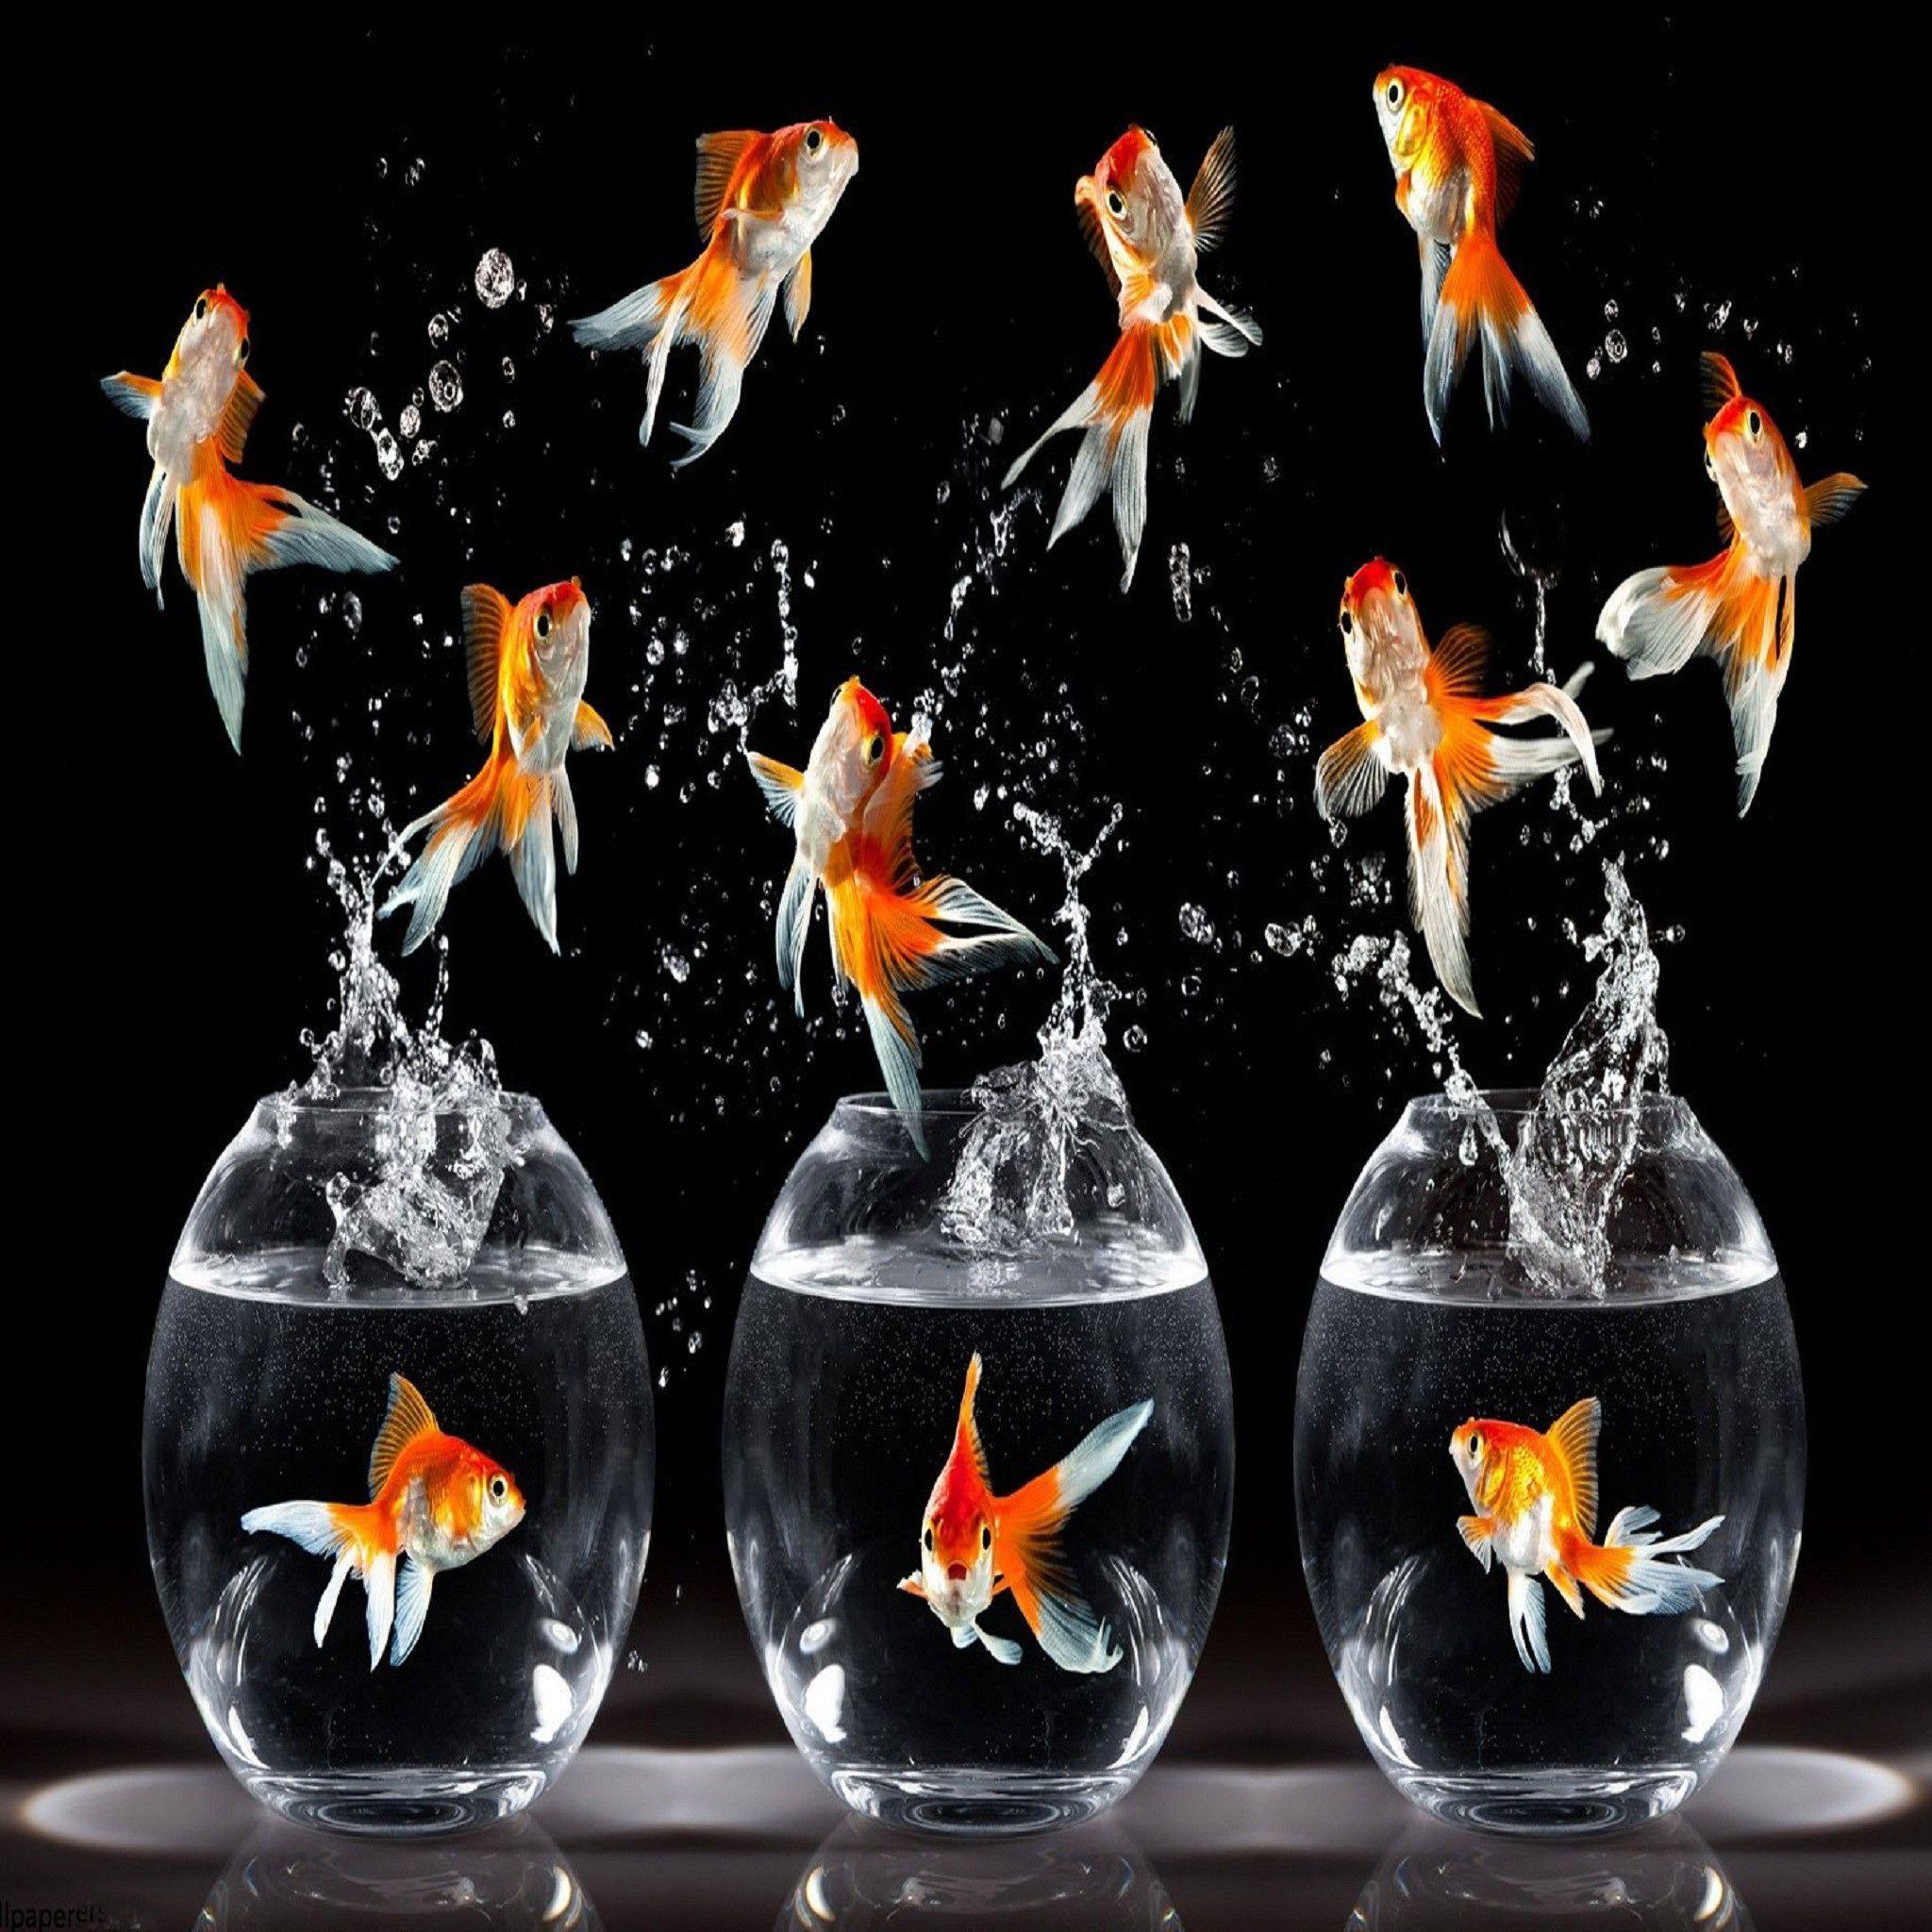 Dancing Fish Funny Hd Wallpaper Goldfish Wallpaper Fish Wallpaper Golden Fish